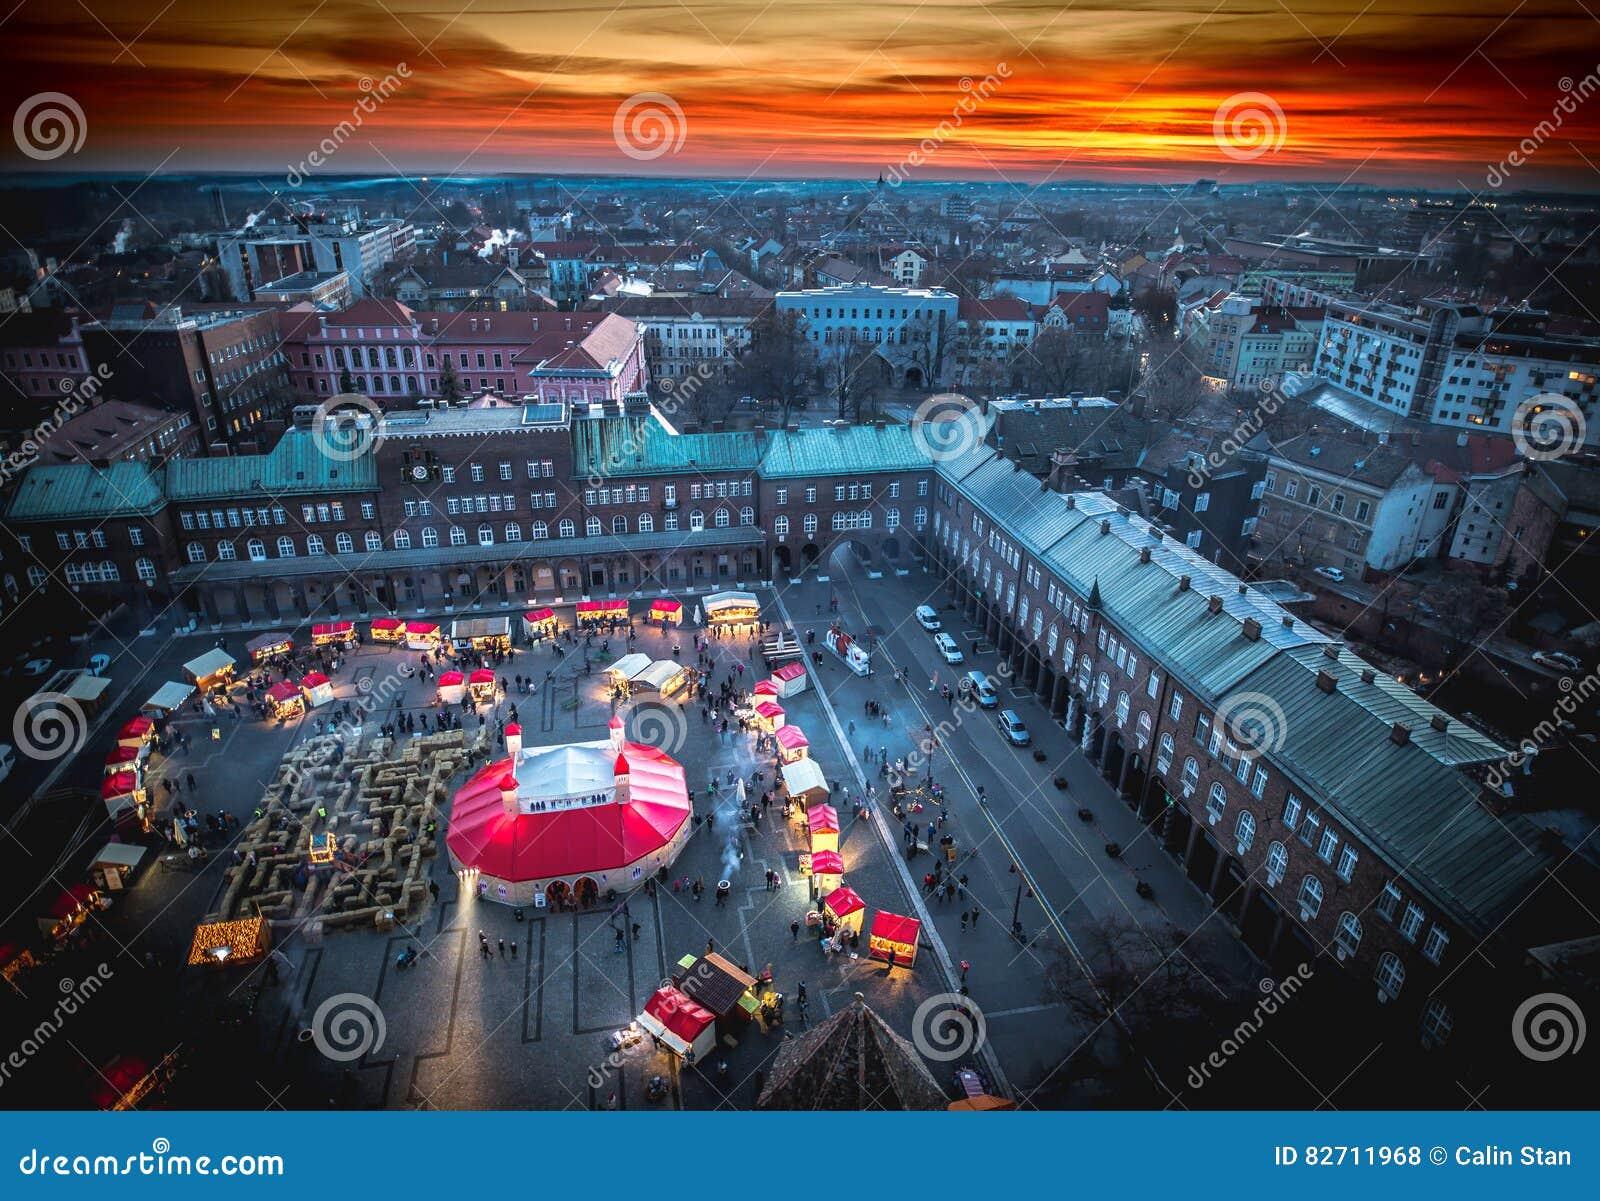 Mercado do Natal de Szeged de cima de Fotografia aérea no por do sol